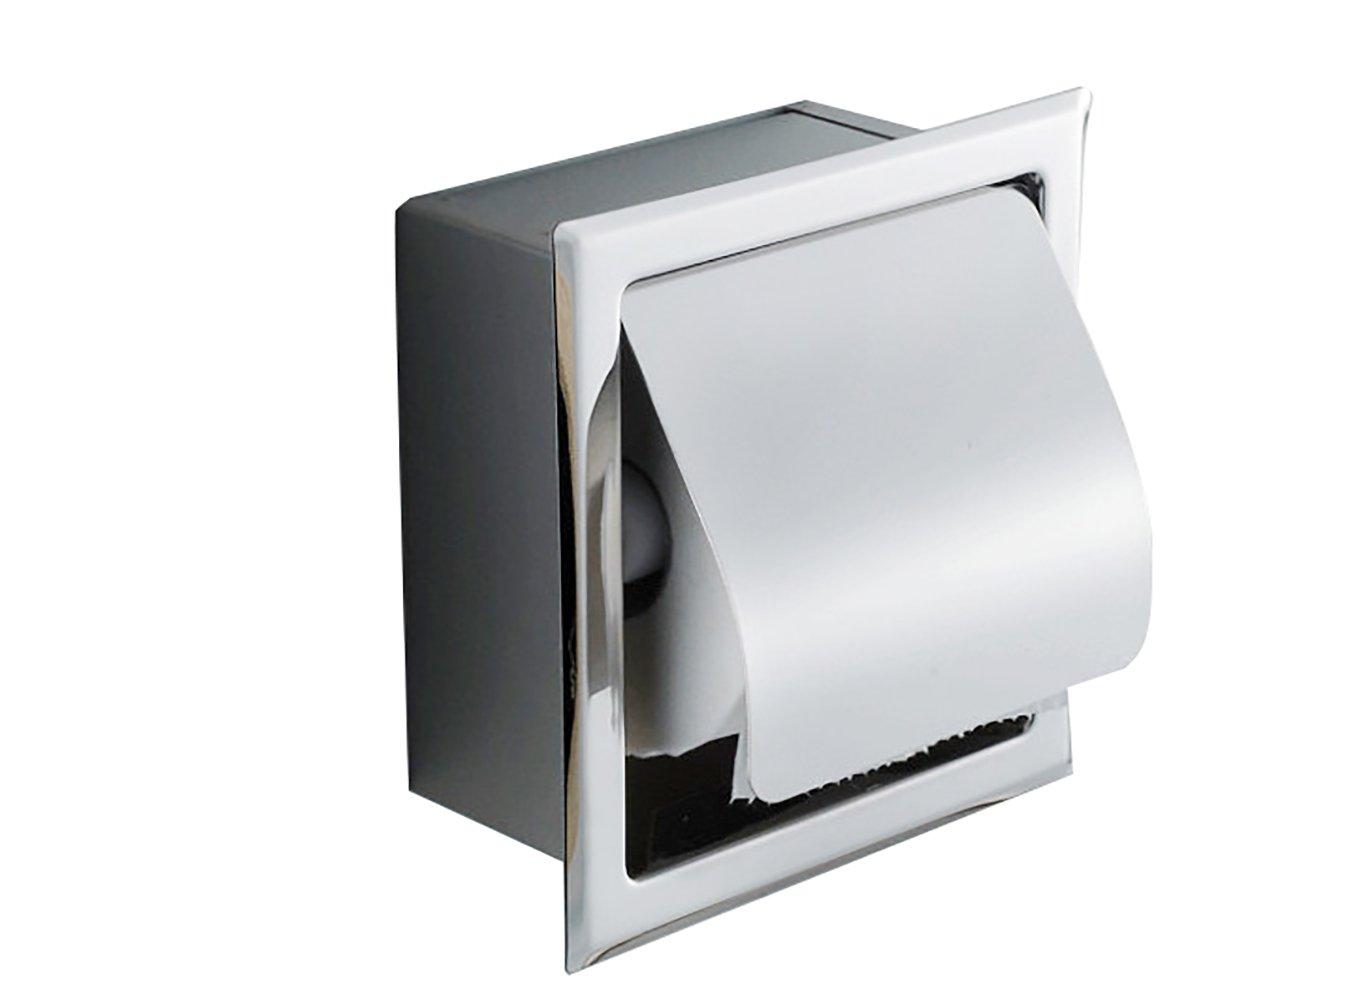 ixaer Recessed Stainless Steel Bathroom Toilet Roll Paper Holder Tissue Dispenser for Bathroom Storage